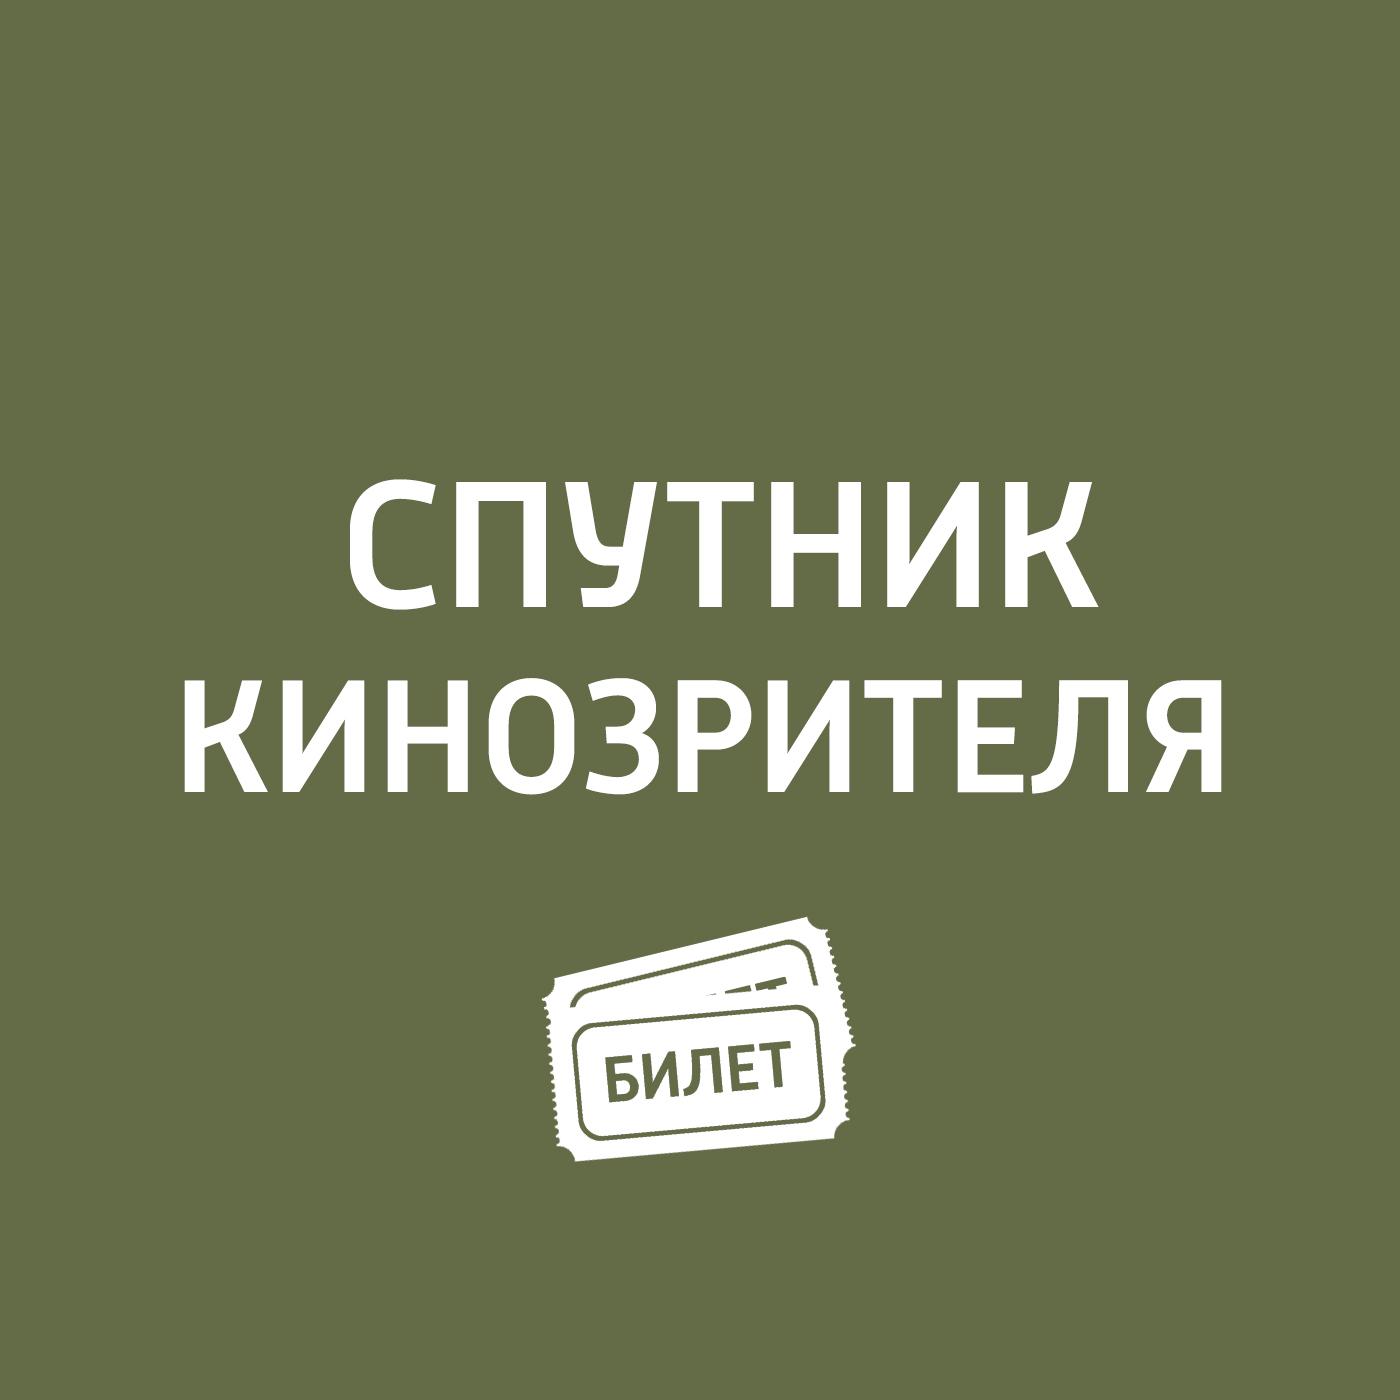 Антон Долин Линкольн антон долин линкольн